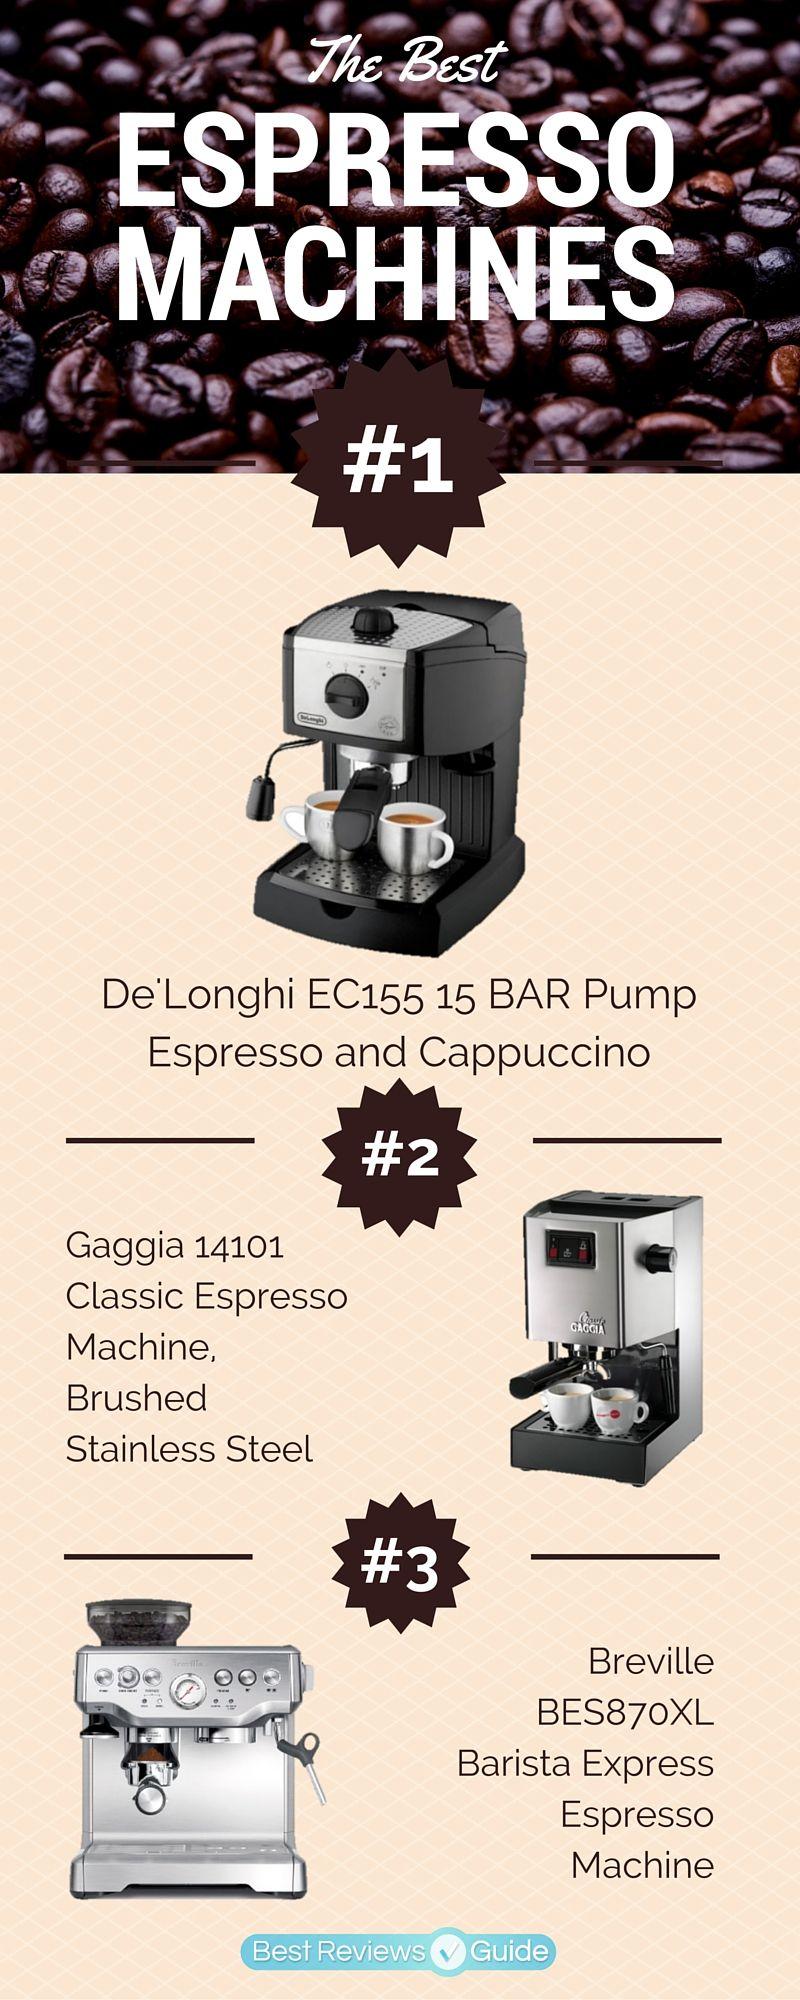 Top 10 Espresso Machines of 2020 Best espresso machine